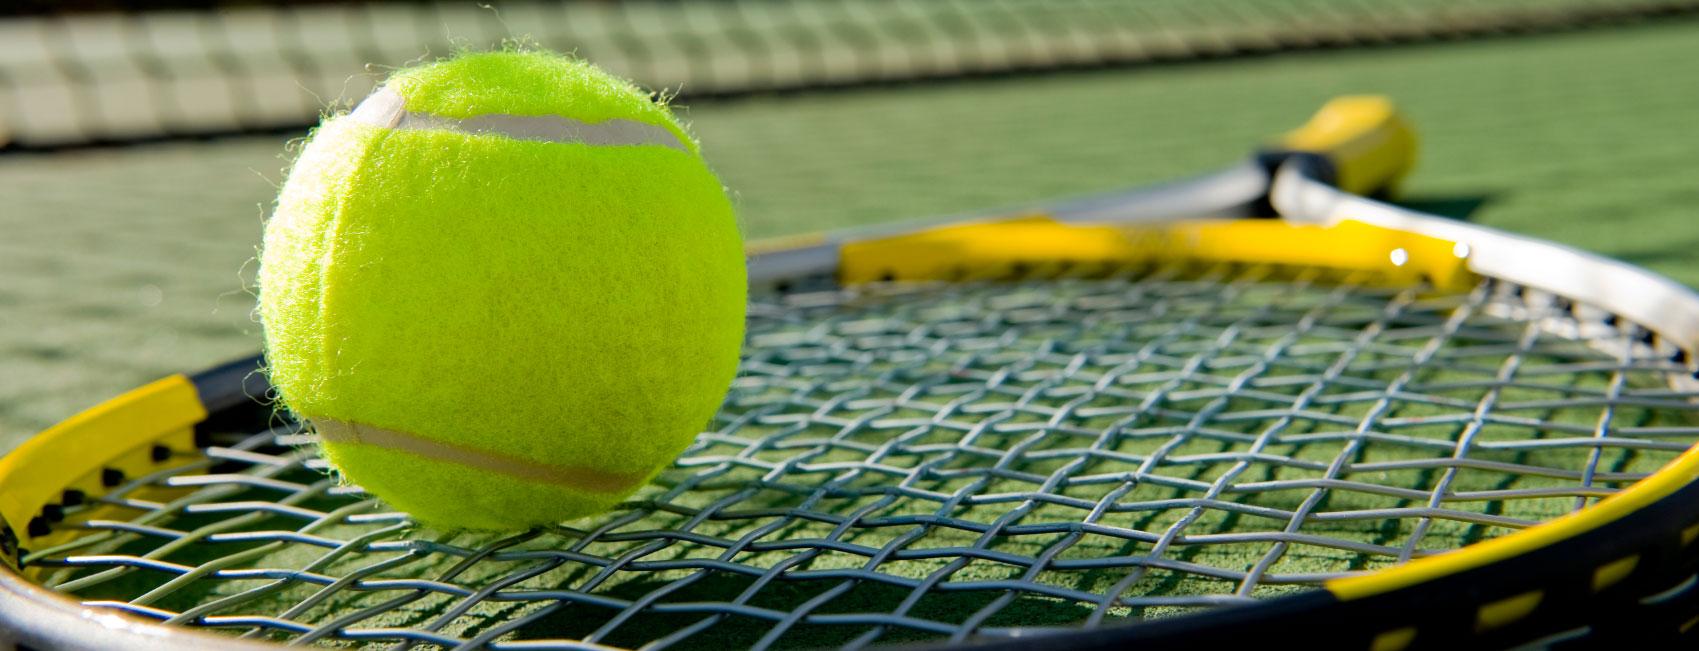 racket-2